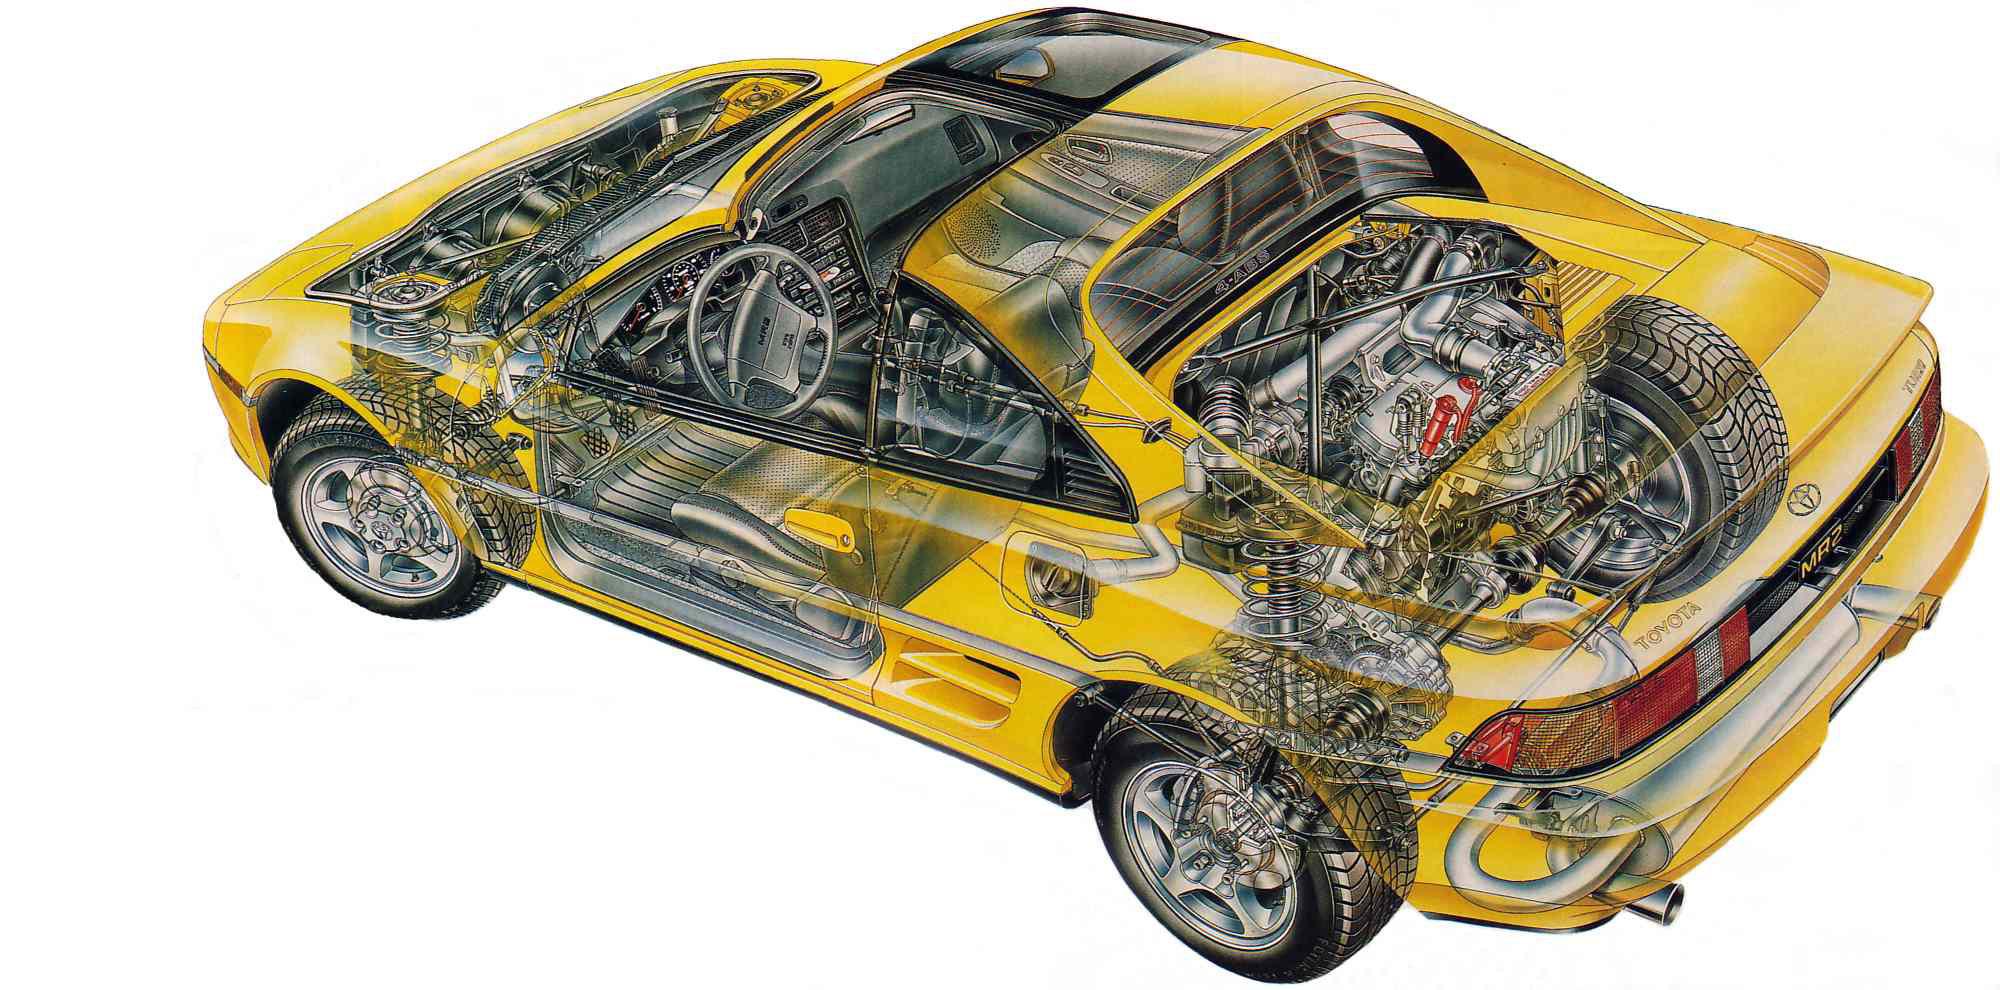 Toyota MR2 W20 cutaway